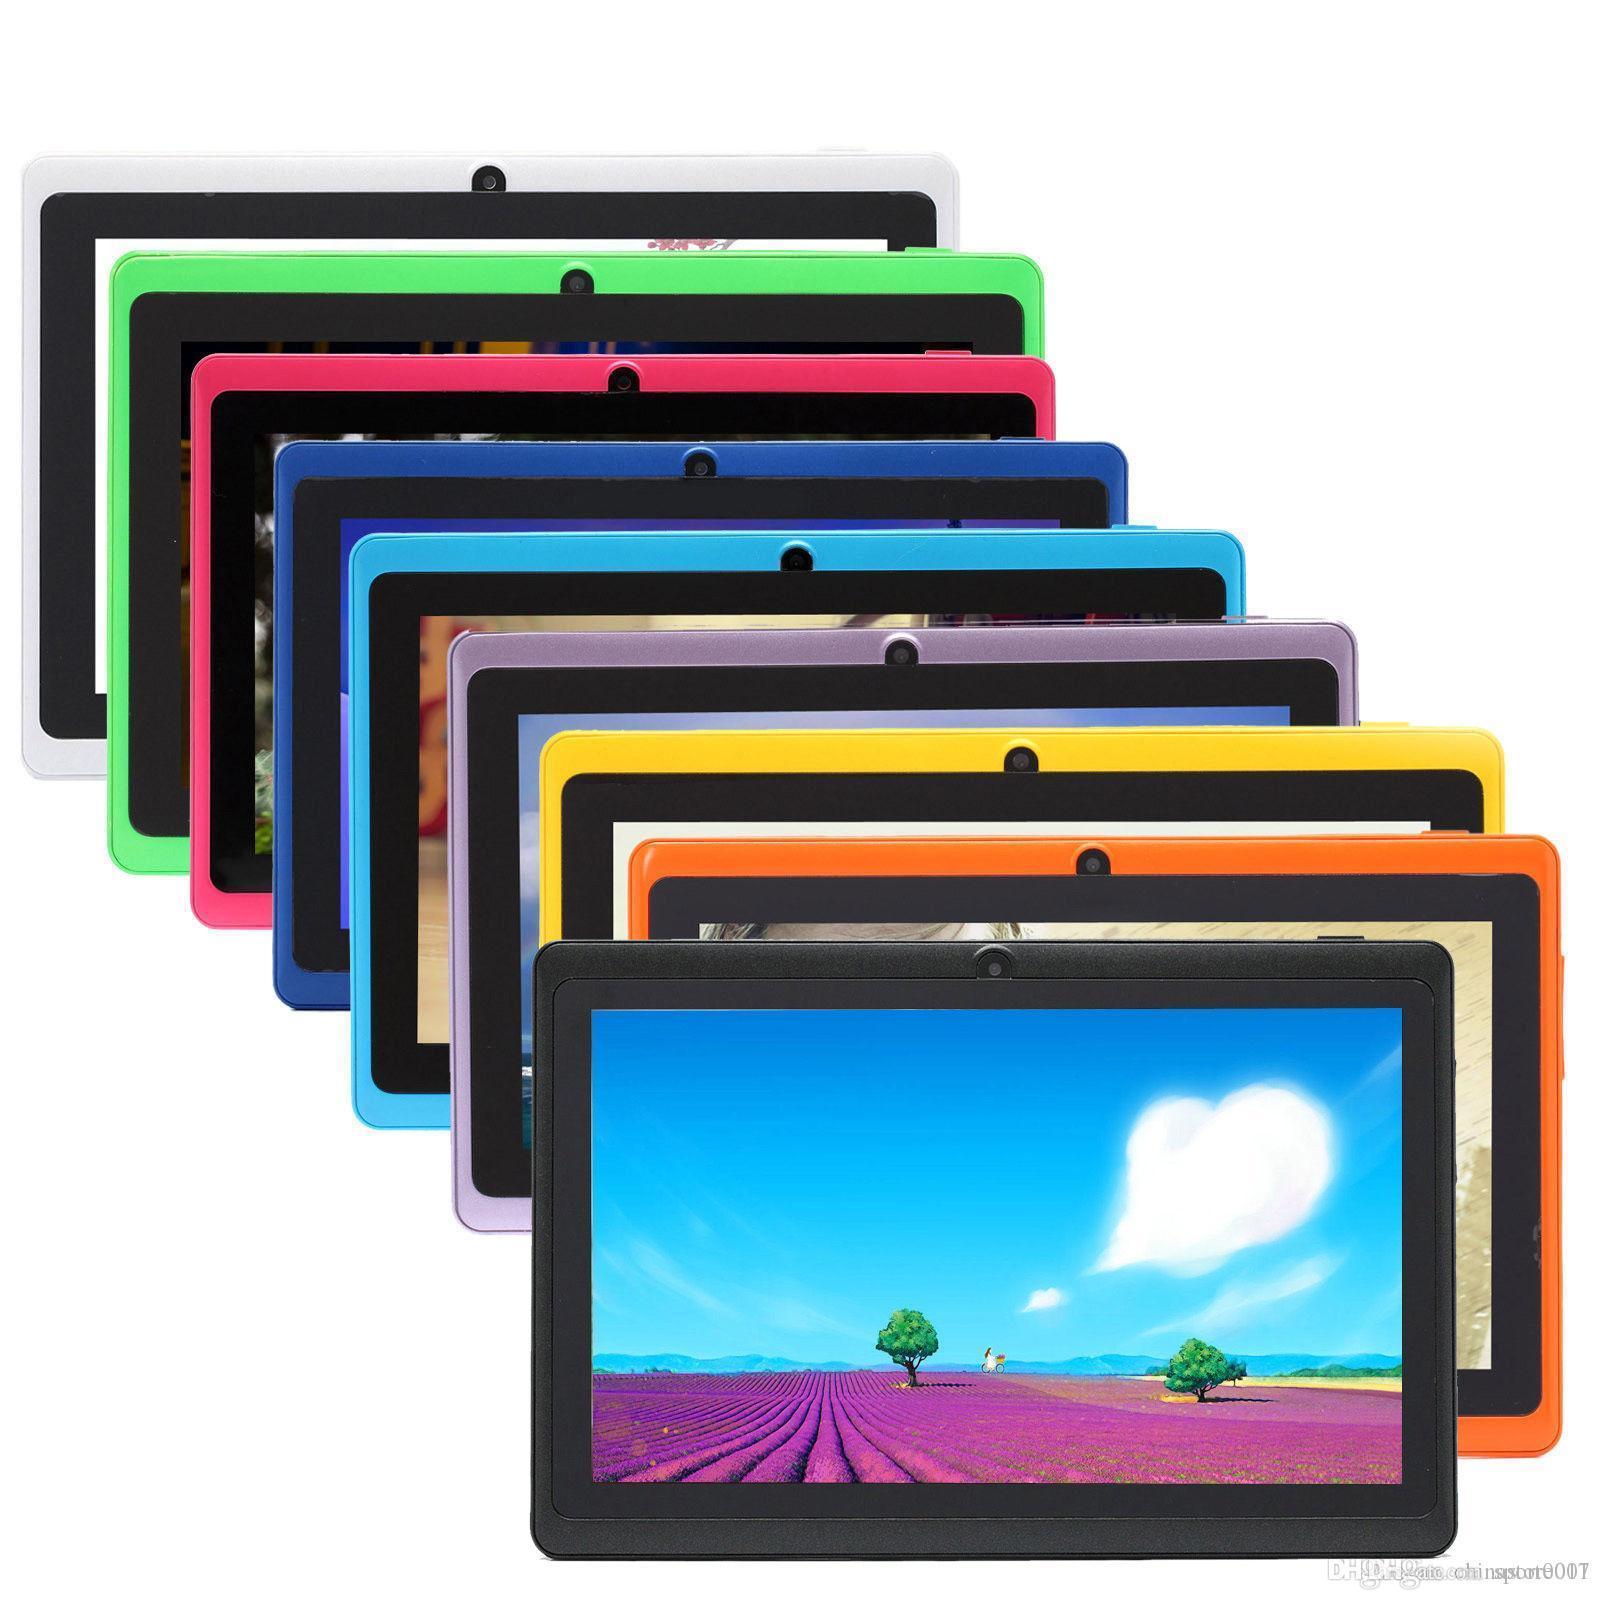 Q88 7 인치 태블릿 컴퓨터 안드로이드 4.4 태블릿 PC 낮은 가격 A33 QUADE 코어 듀얼 카메라 8기가바이트 5백12메가바이트 용량 저렴한 태블릿